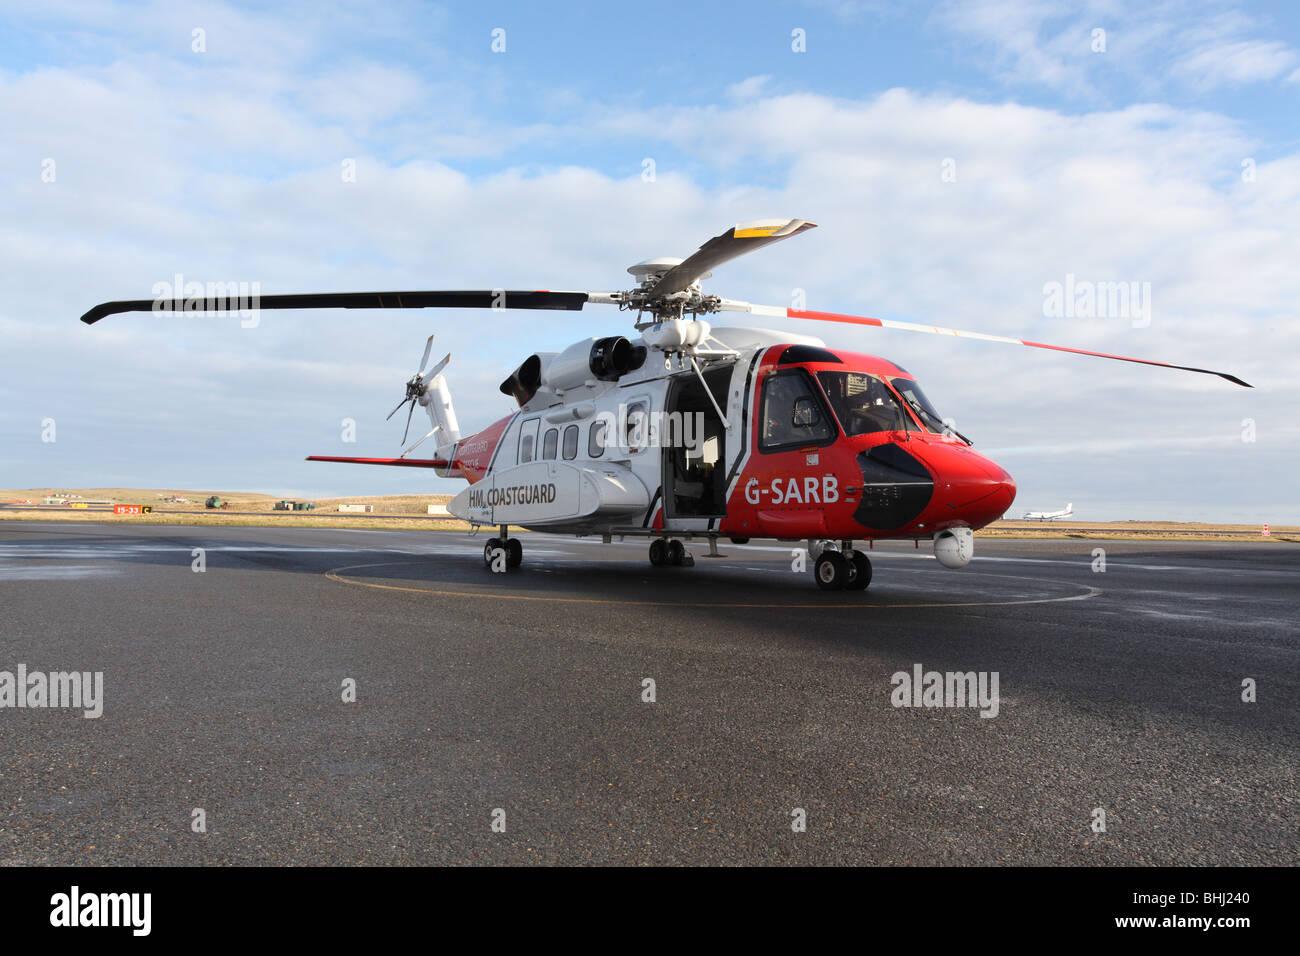 Elicottero Usato : Sikorsky s 92 elicottero usato dalla guardia costiera del regno